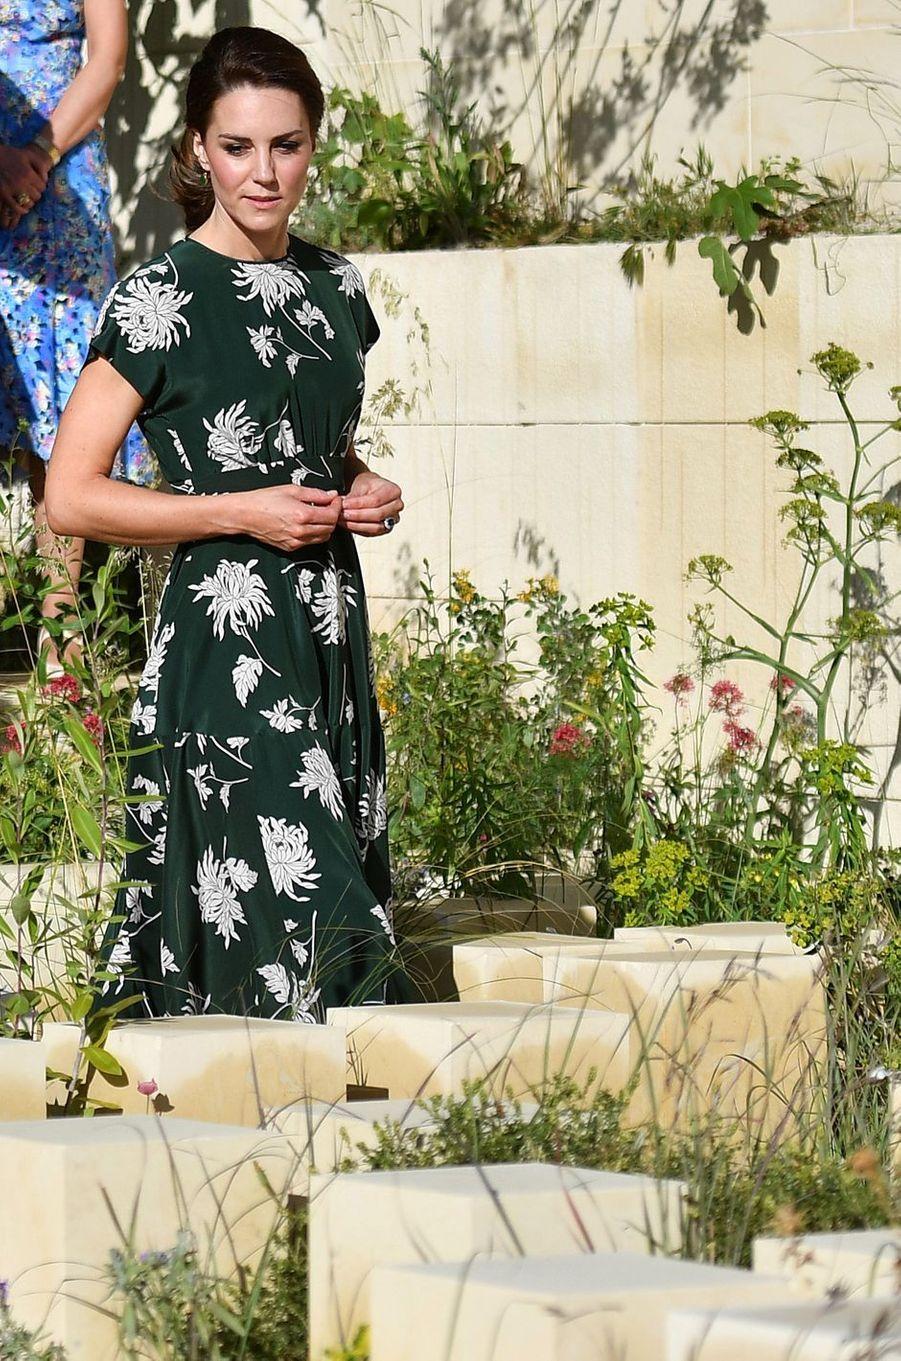 La duchesse de Cambridge, née Kate Middleton, en vert sapin au Chelsea Flower Show à Londres, le 22 mai 2017